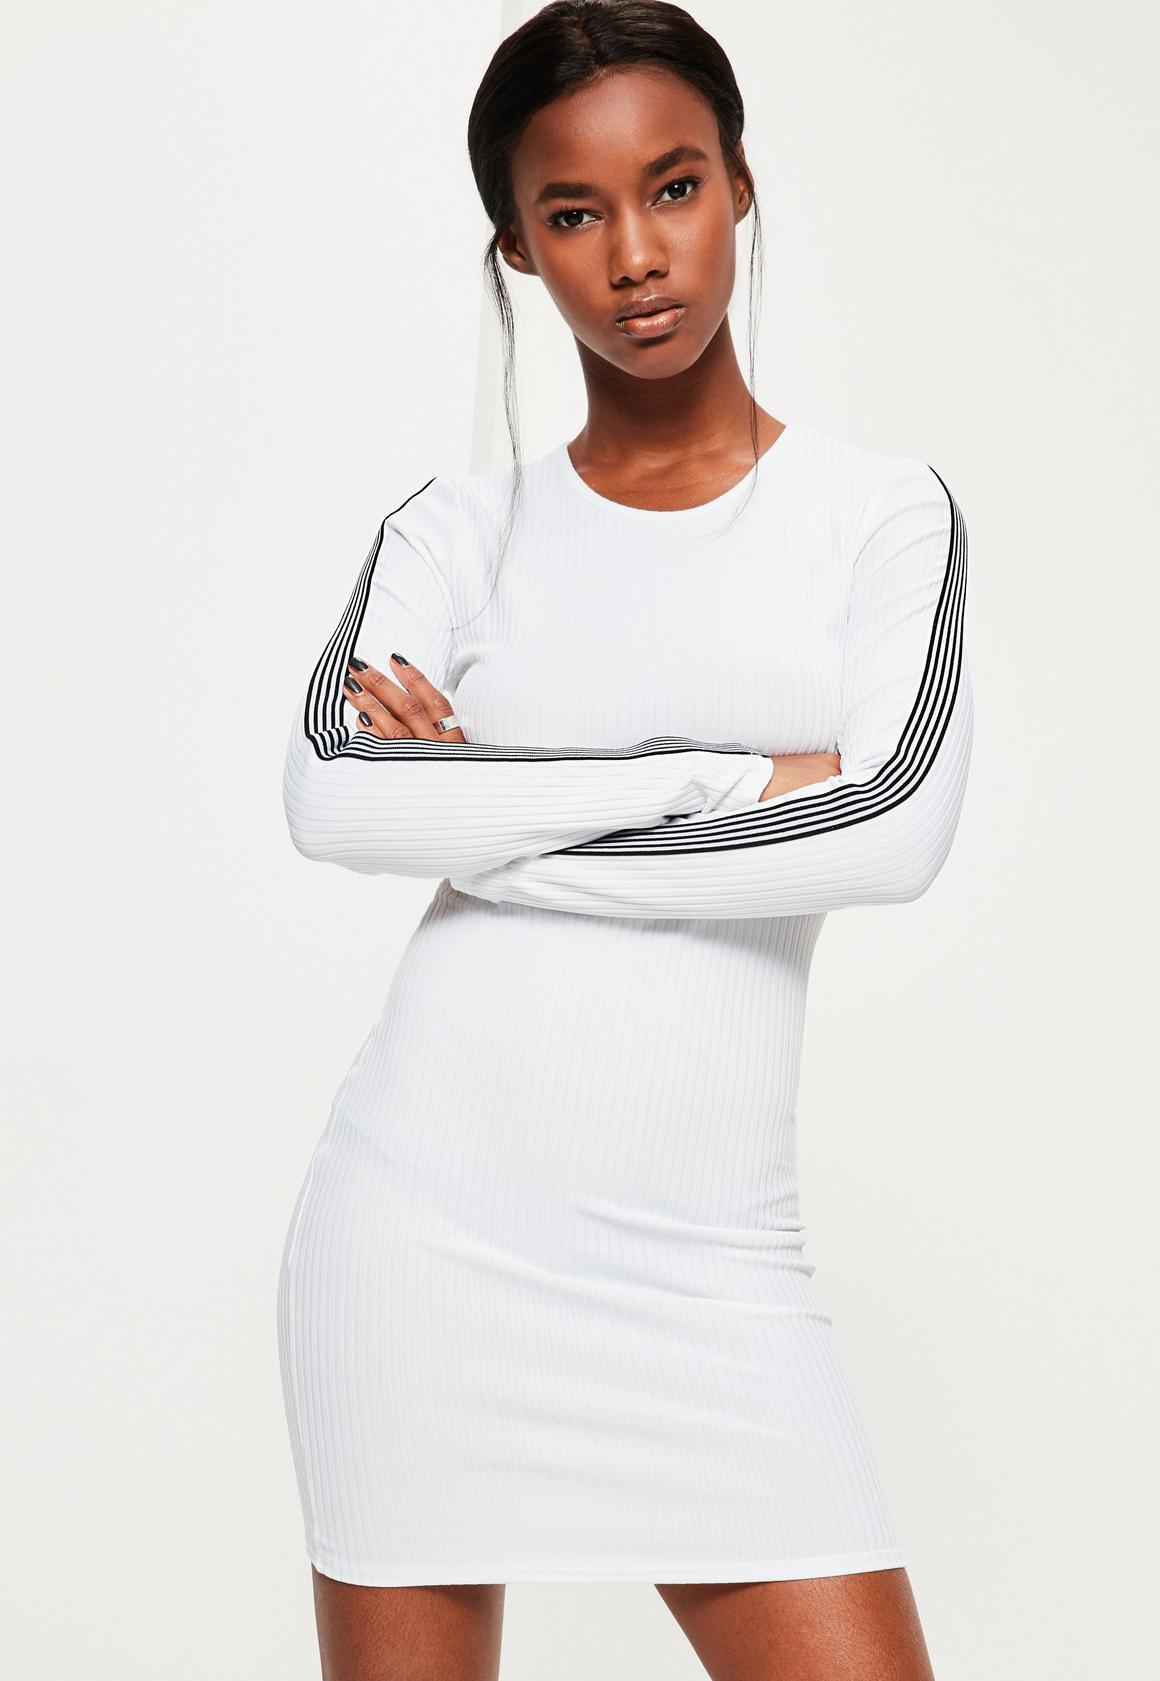 Geripptes Sportkleid mit gestreiften Ärmeln in Weiß | Missguided